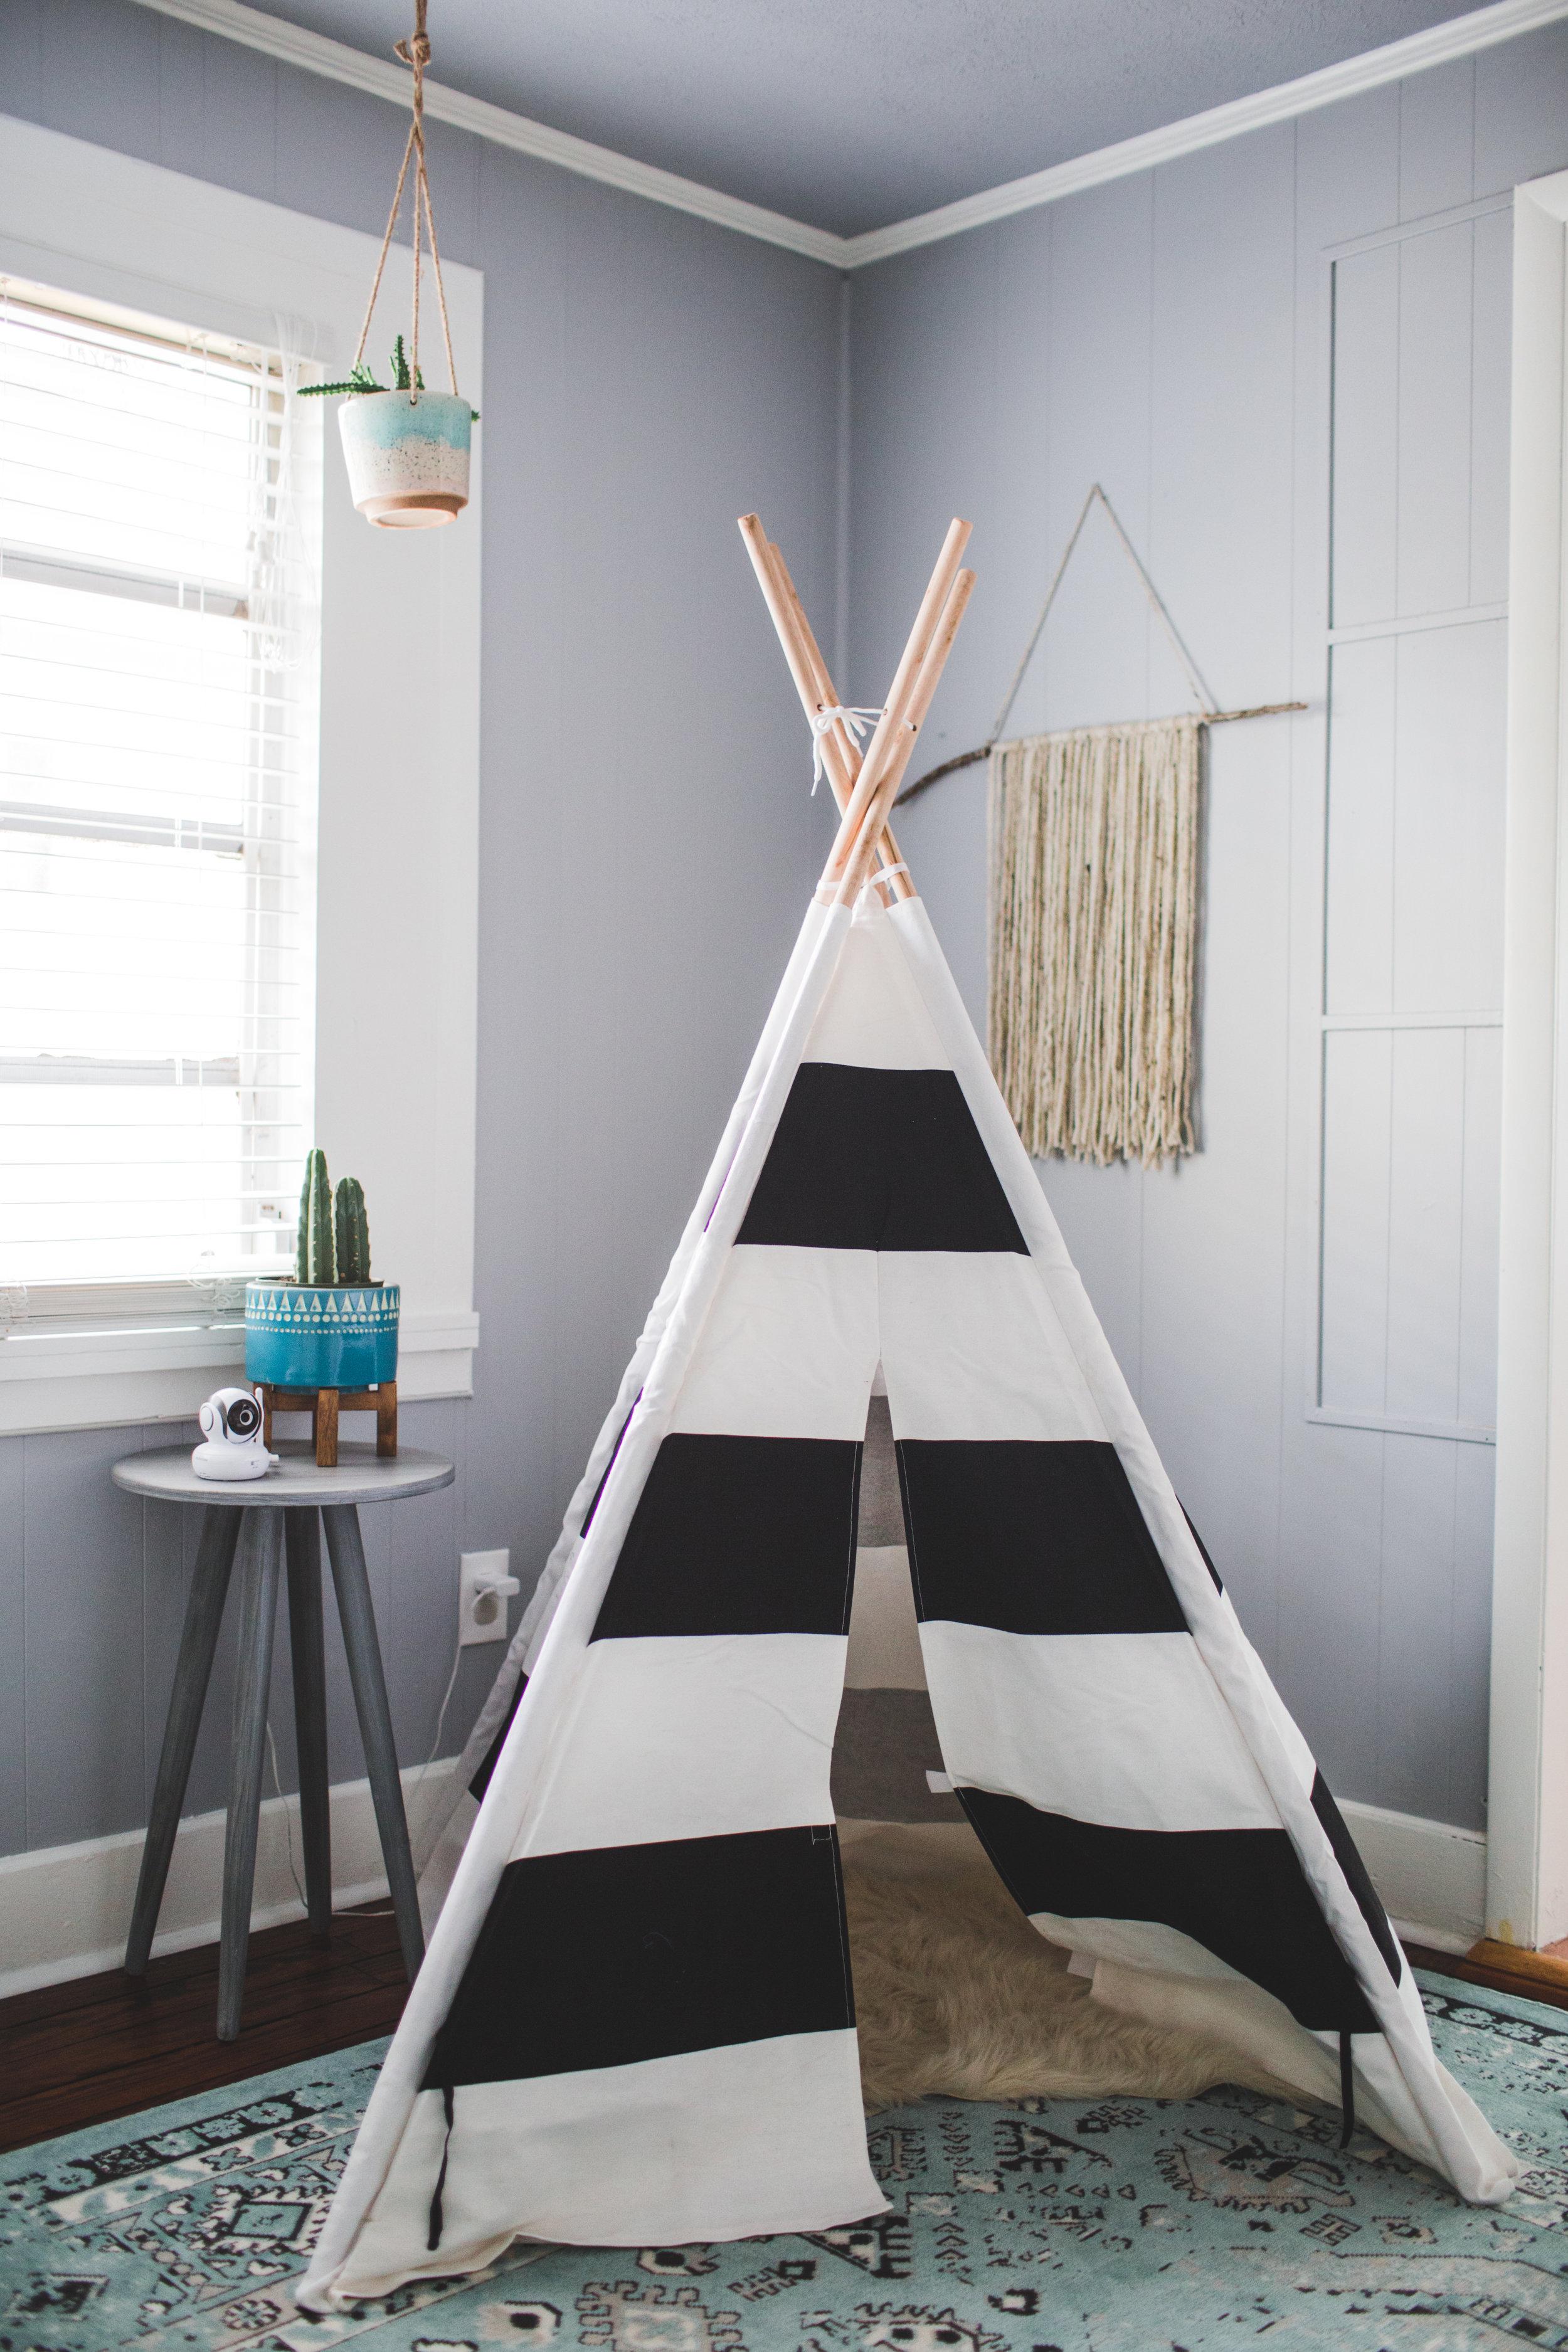 childs bedroom teepee